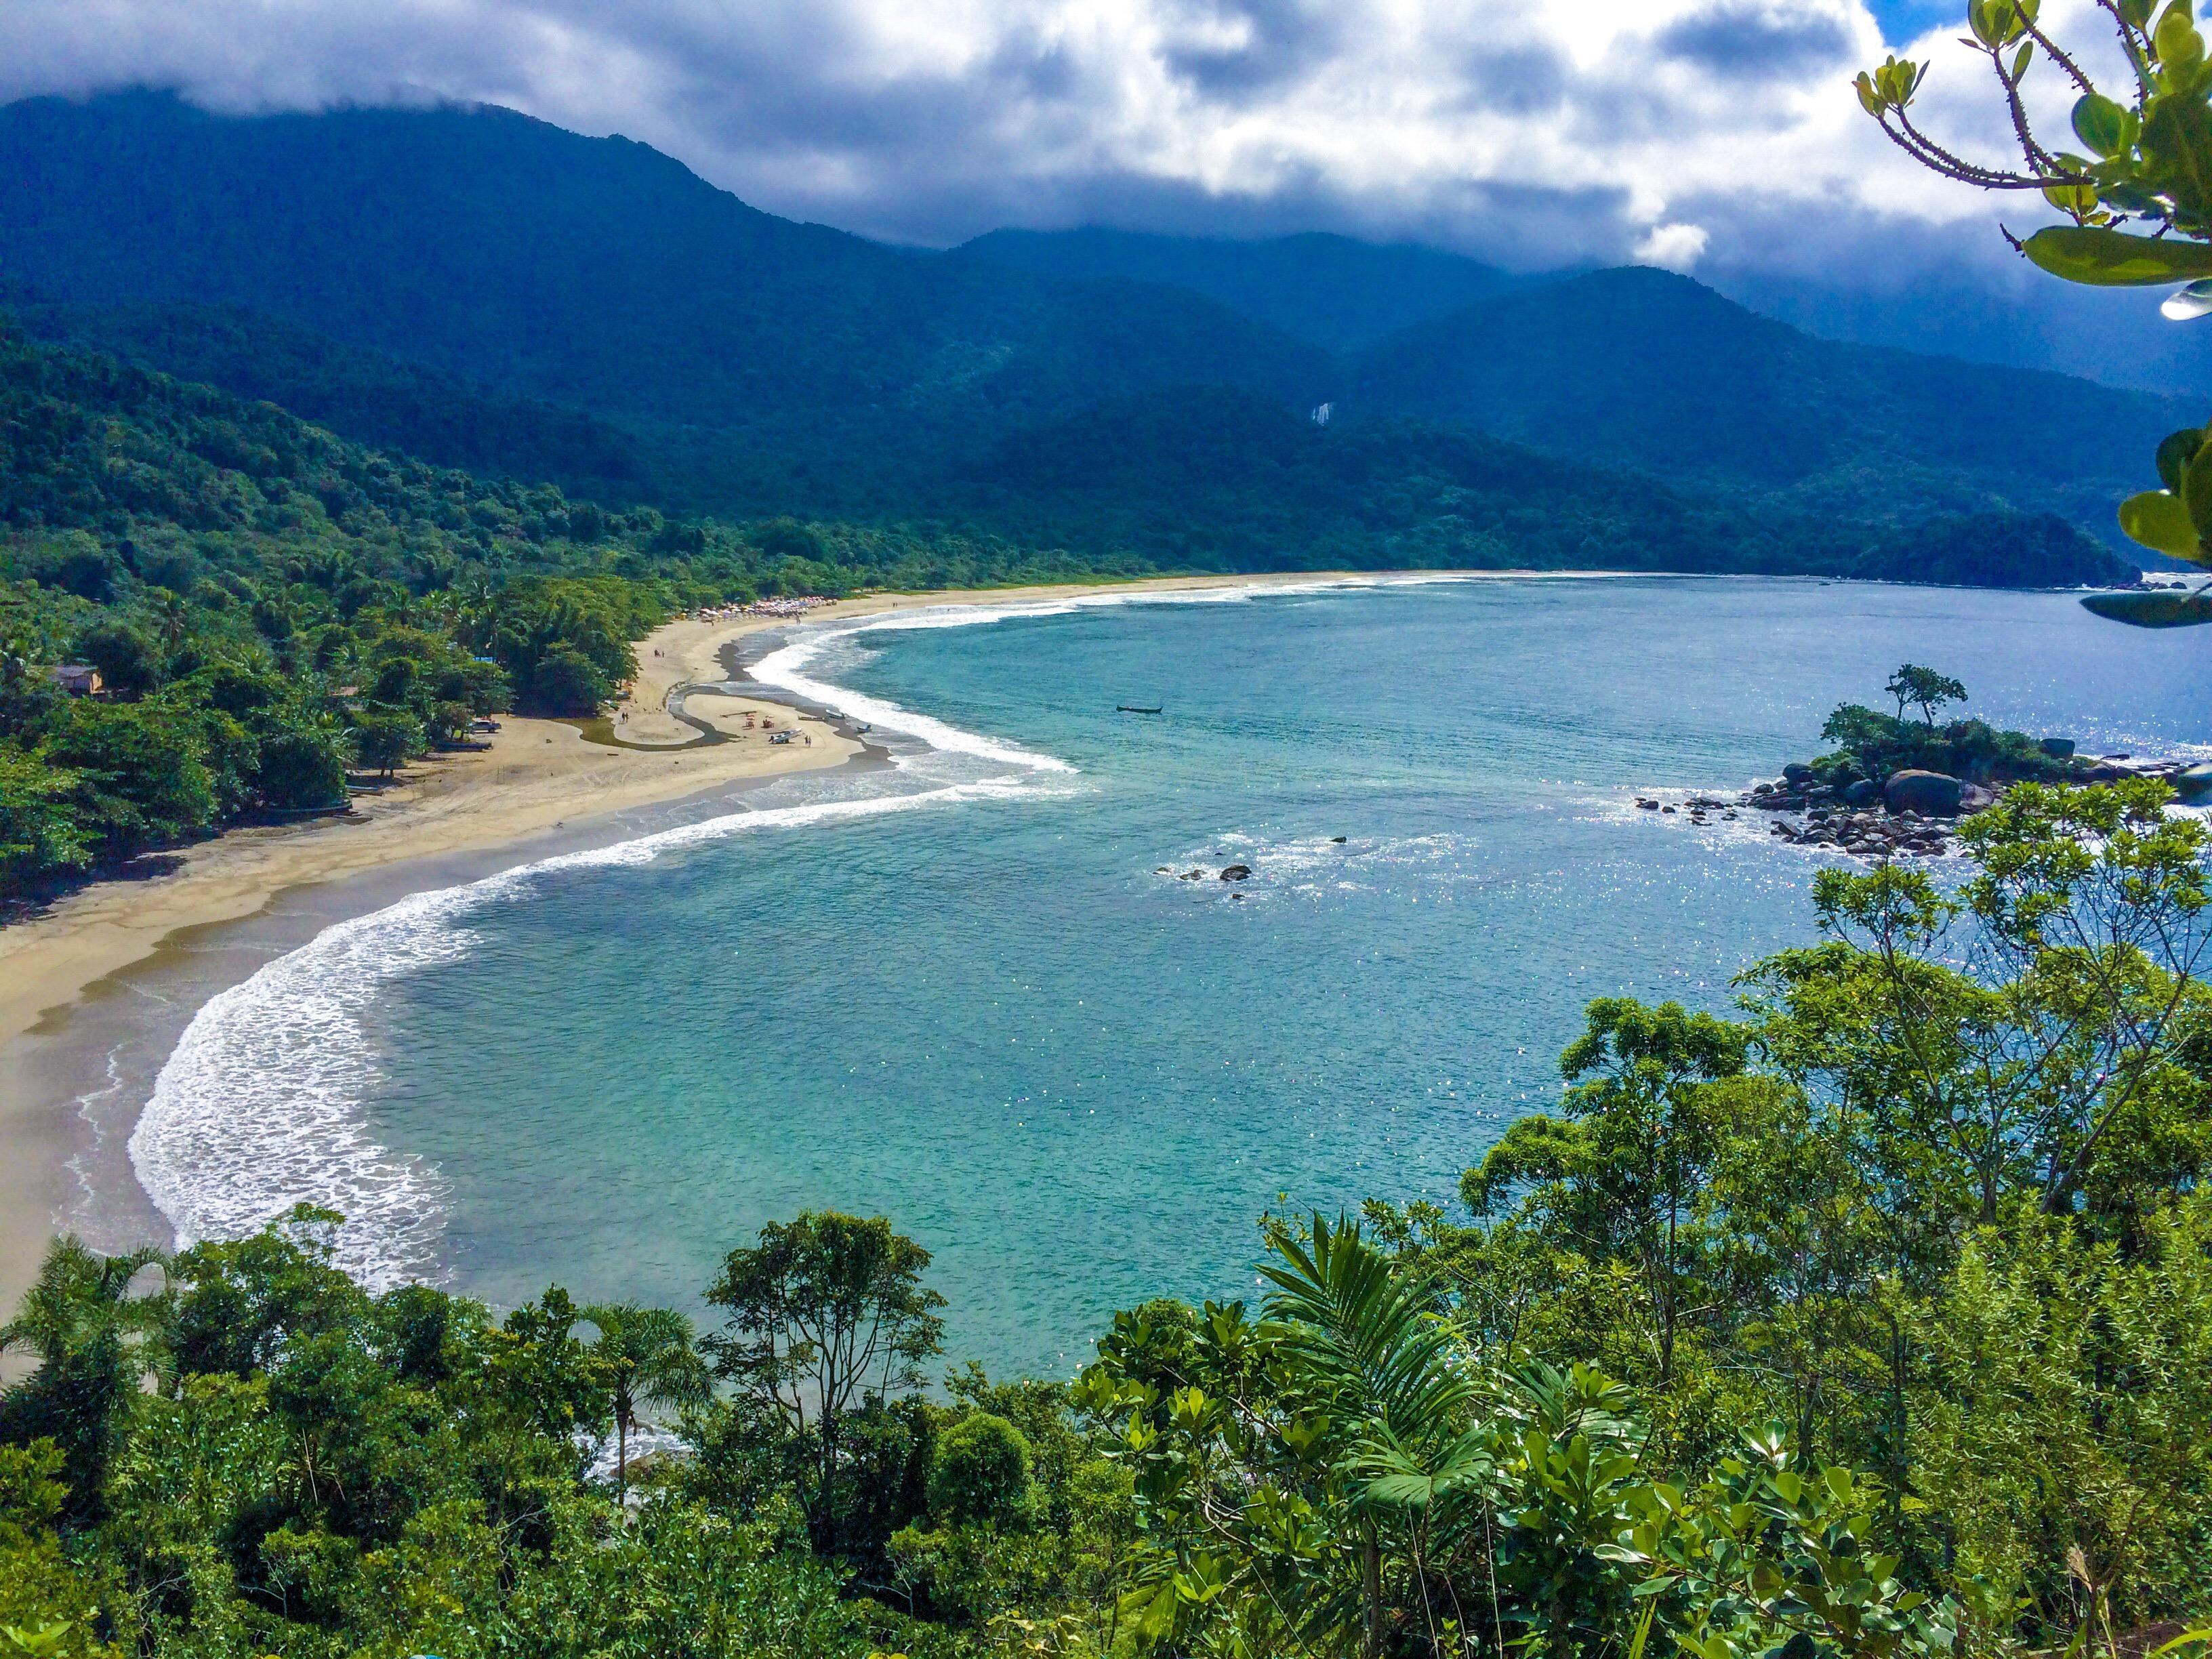 File:Mirante do Coração - Praia de Castelhanos.jpg - Wikimedia Commons